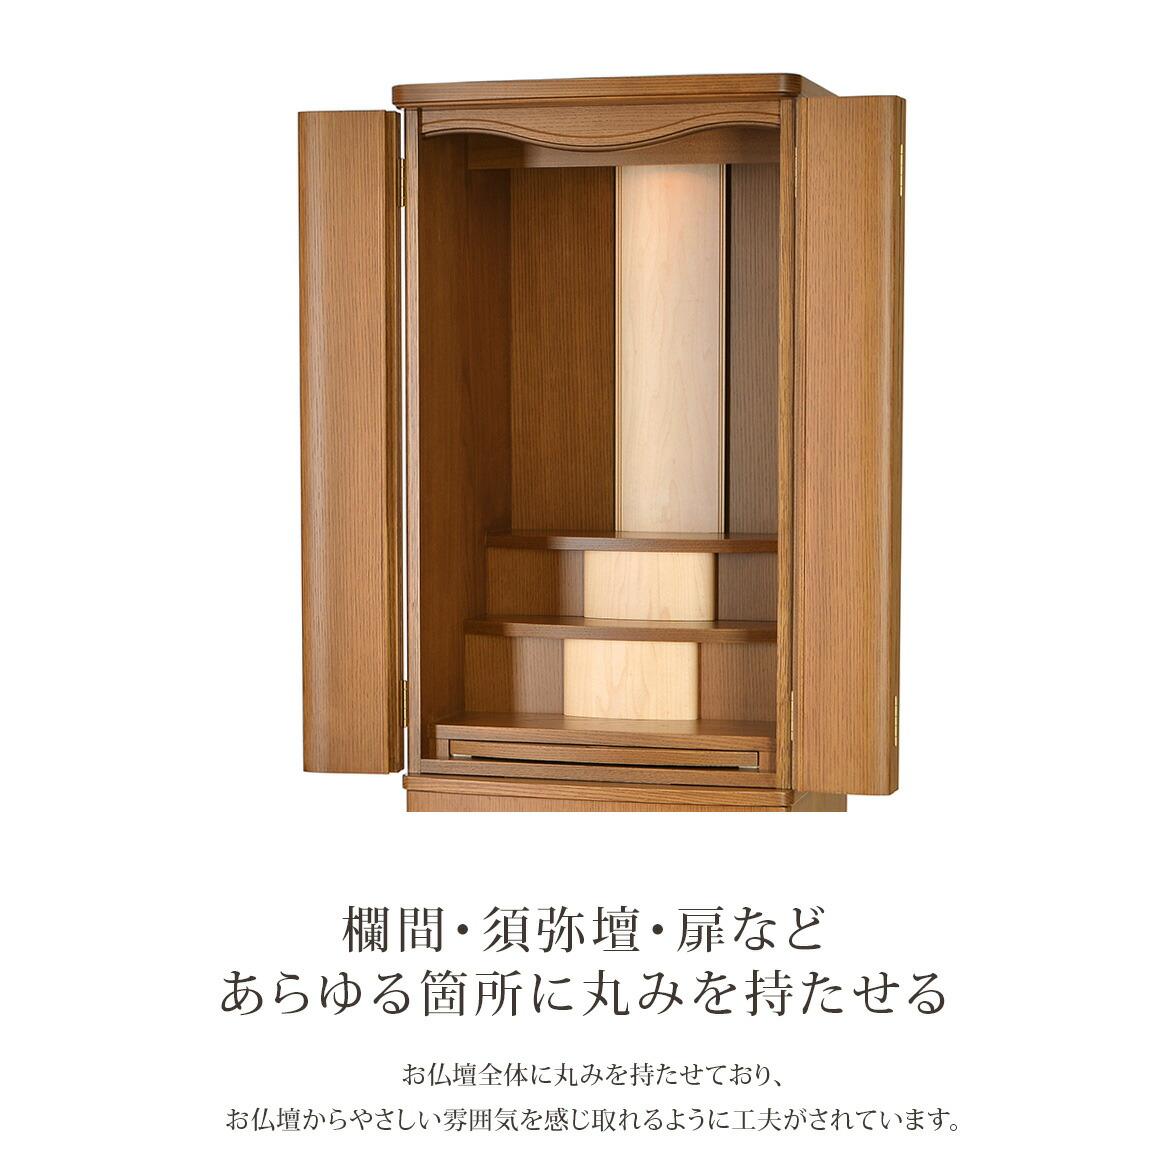 欄間・須弥壇・扉などあらゆる箇所に丸みを持たせる